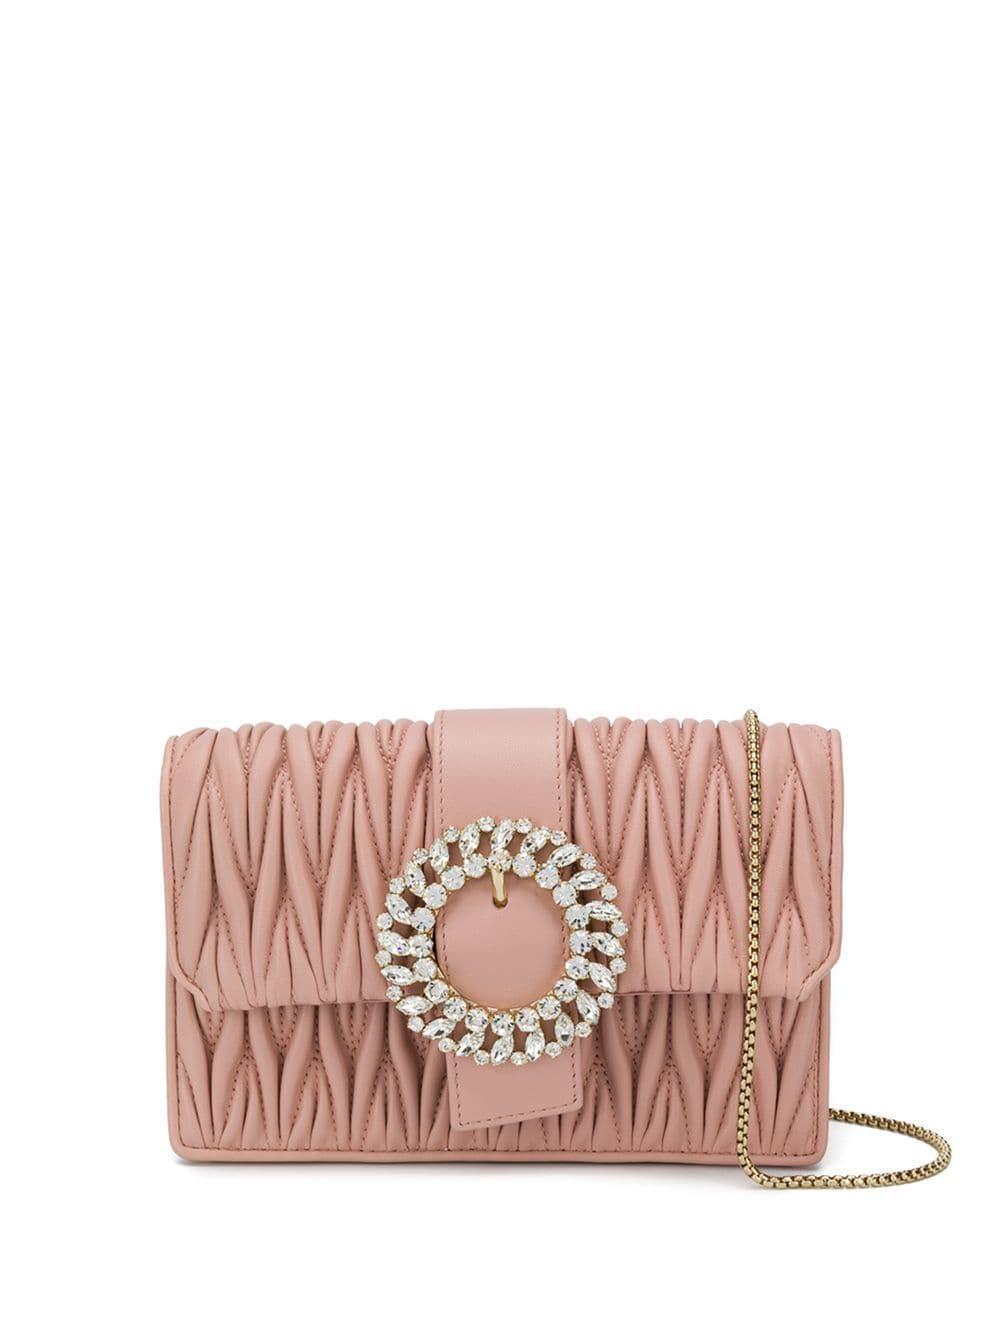 6179df8f87c2e Miu Miu - Pink Matelassé Textured Mini Bag - Lyst. View fullscreen